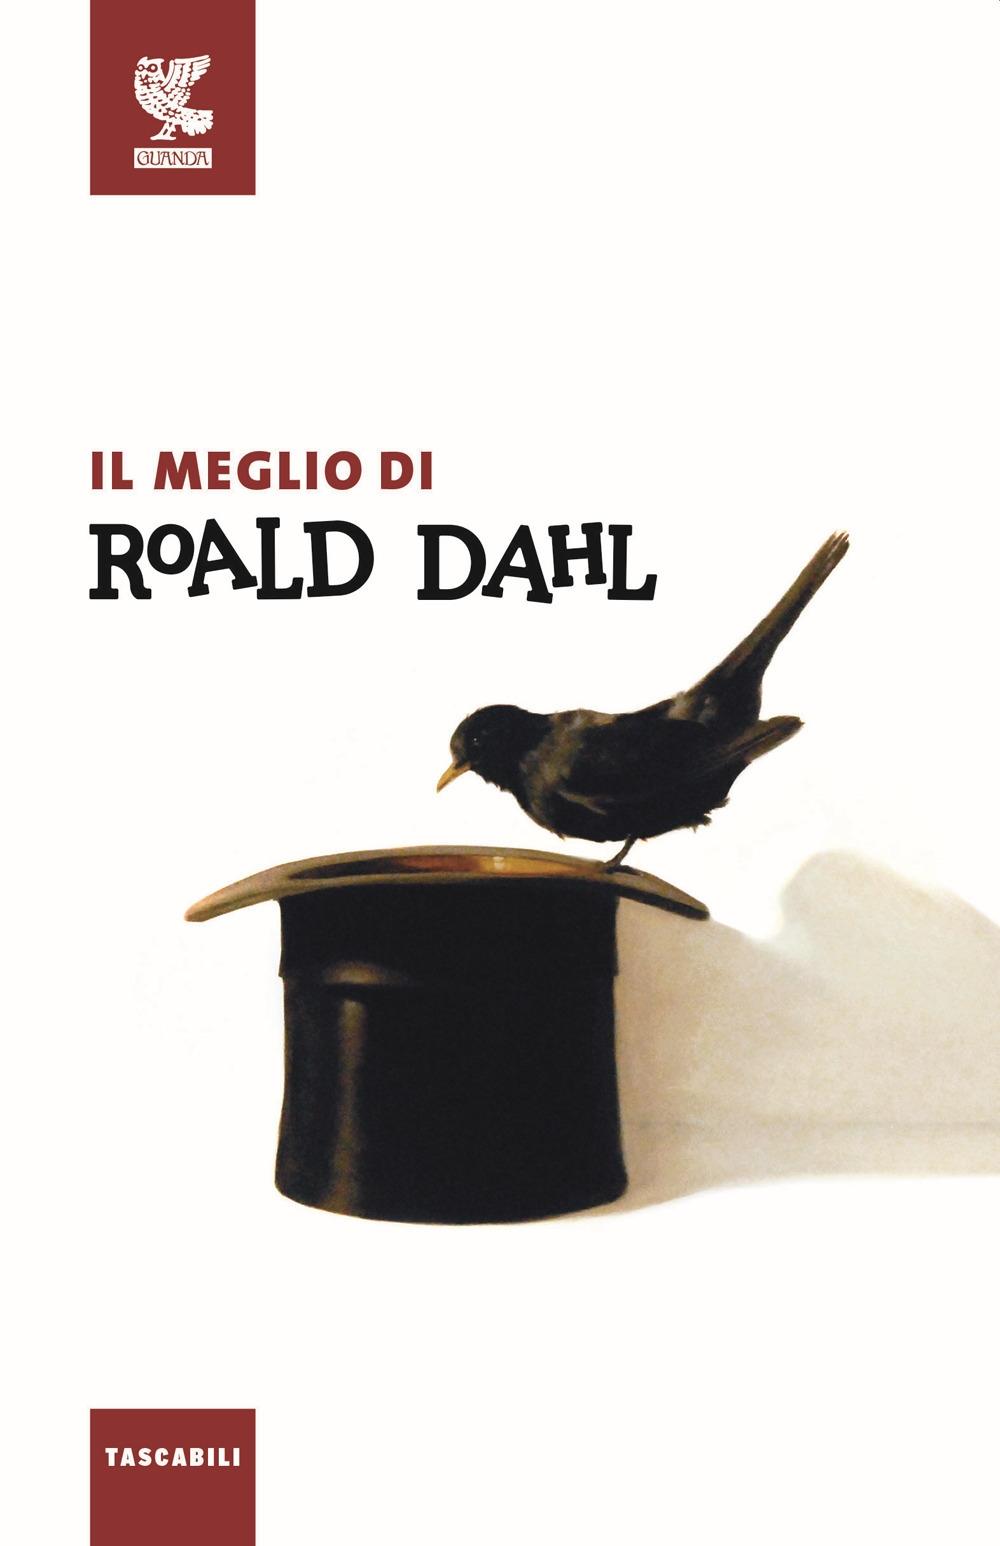 Il meglio di Roald Dahl.